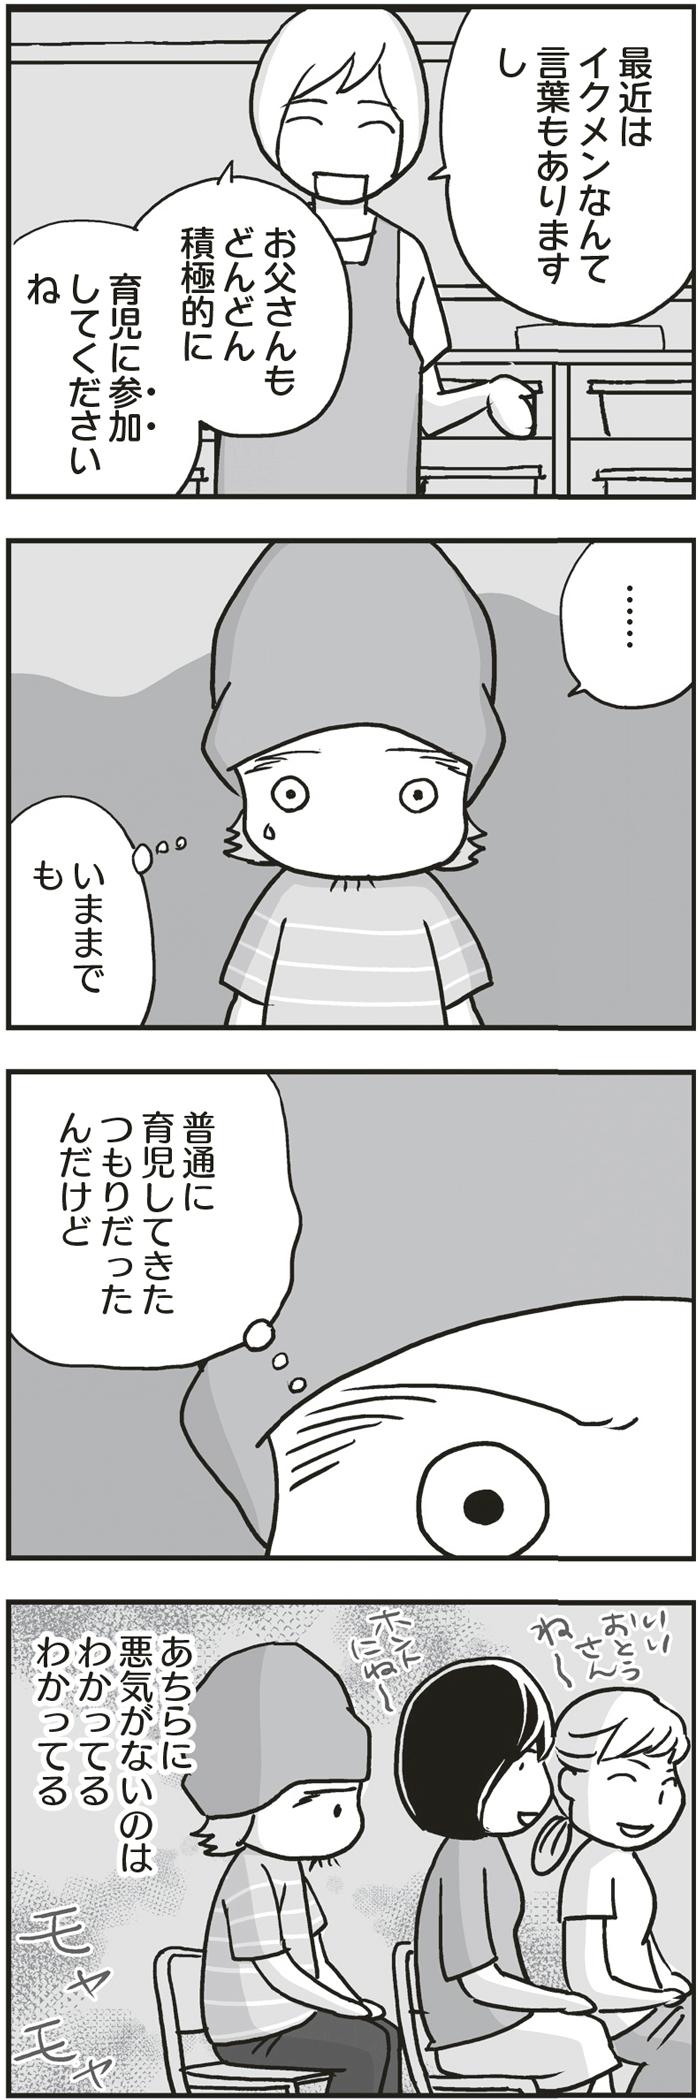 """""""イクメン""""と言われてモヤモヤ…パパが感じる「育児の壁」とは?の画像5"""